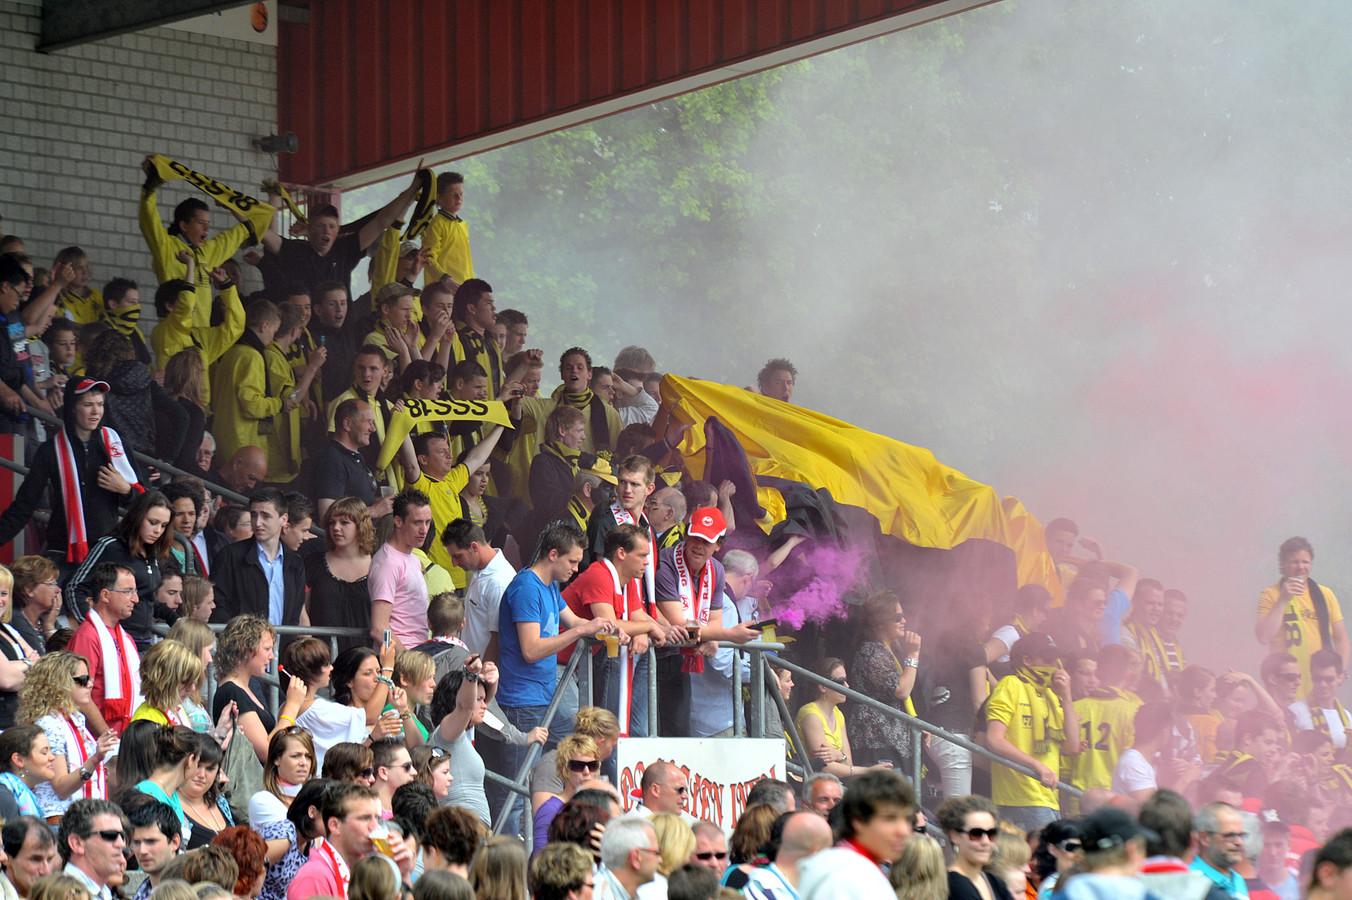 De volle tribune in Vierlingsbeek, voor de derby tussen Volharding en SSS'18.